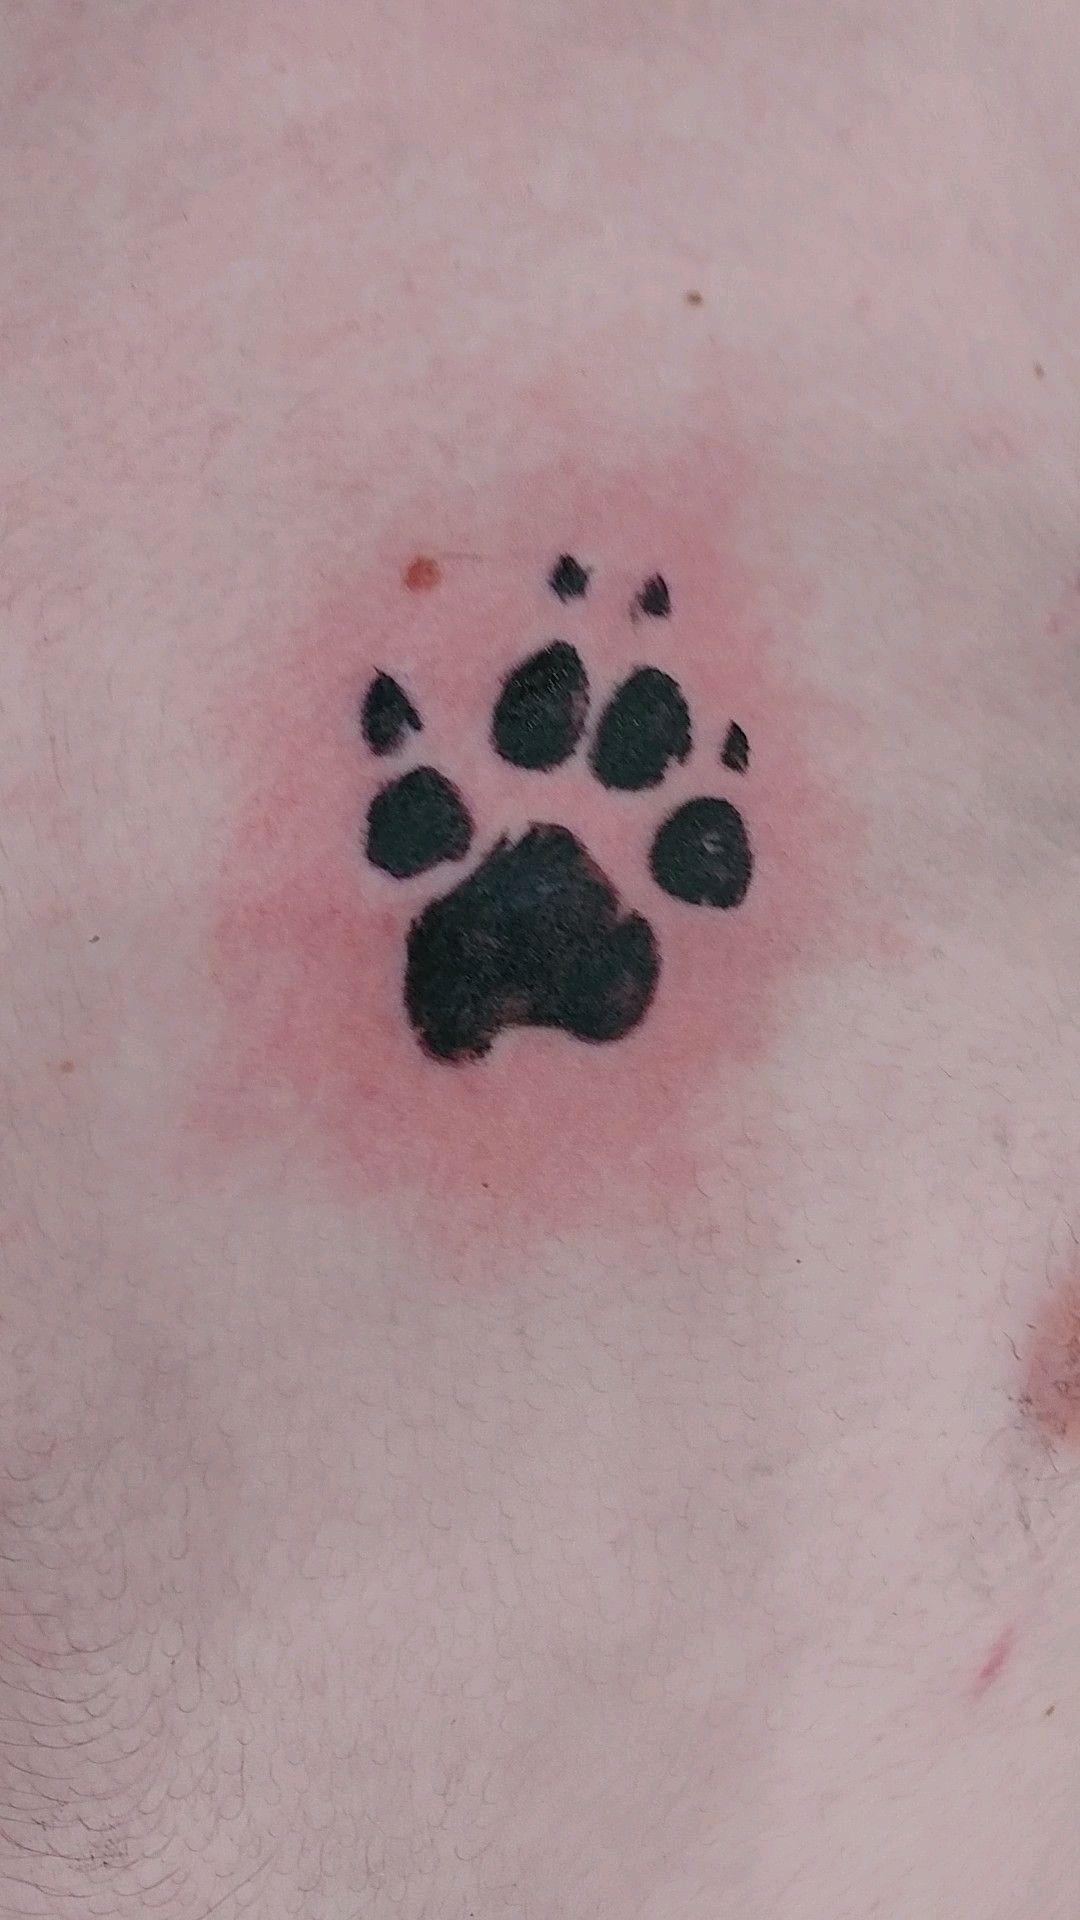 My First Tattoo Done At Xtreme Tattoo Fyshwick Australia